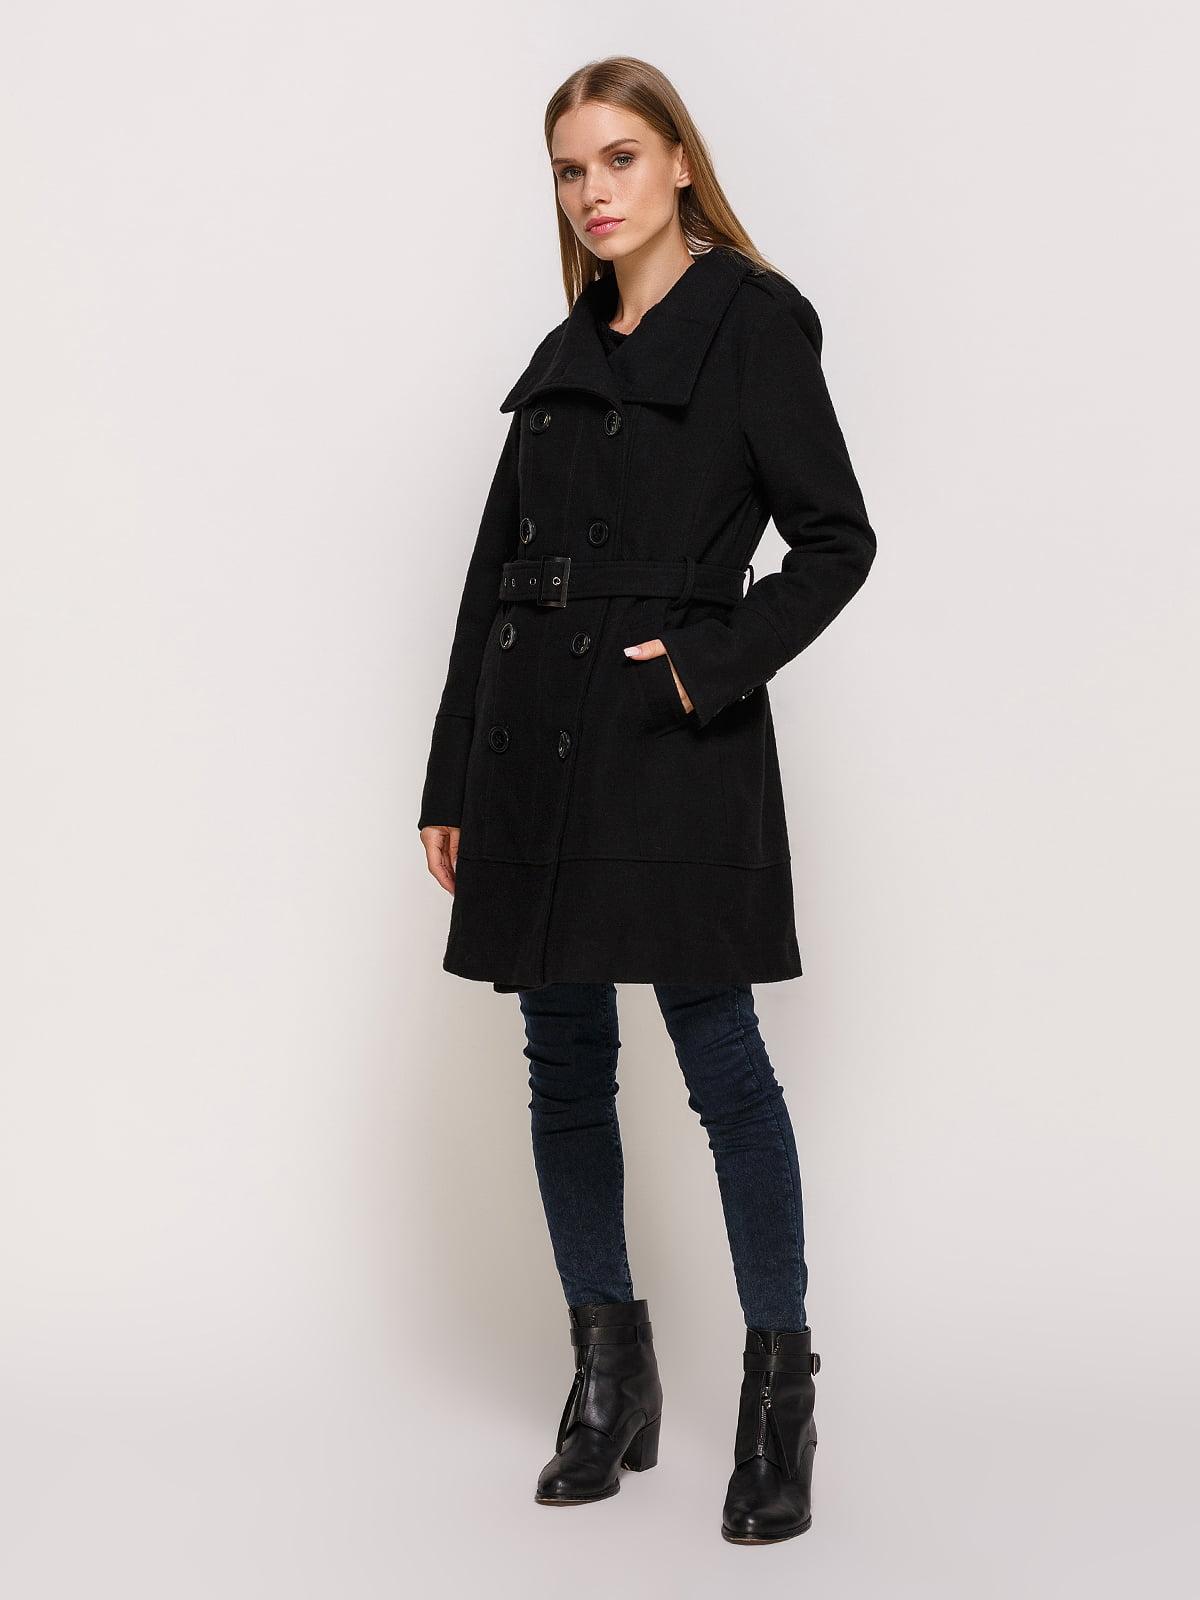 Пальто черное | 3167005 | фото 2